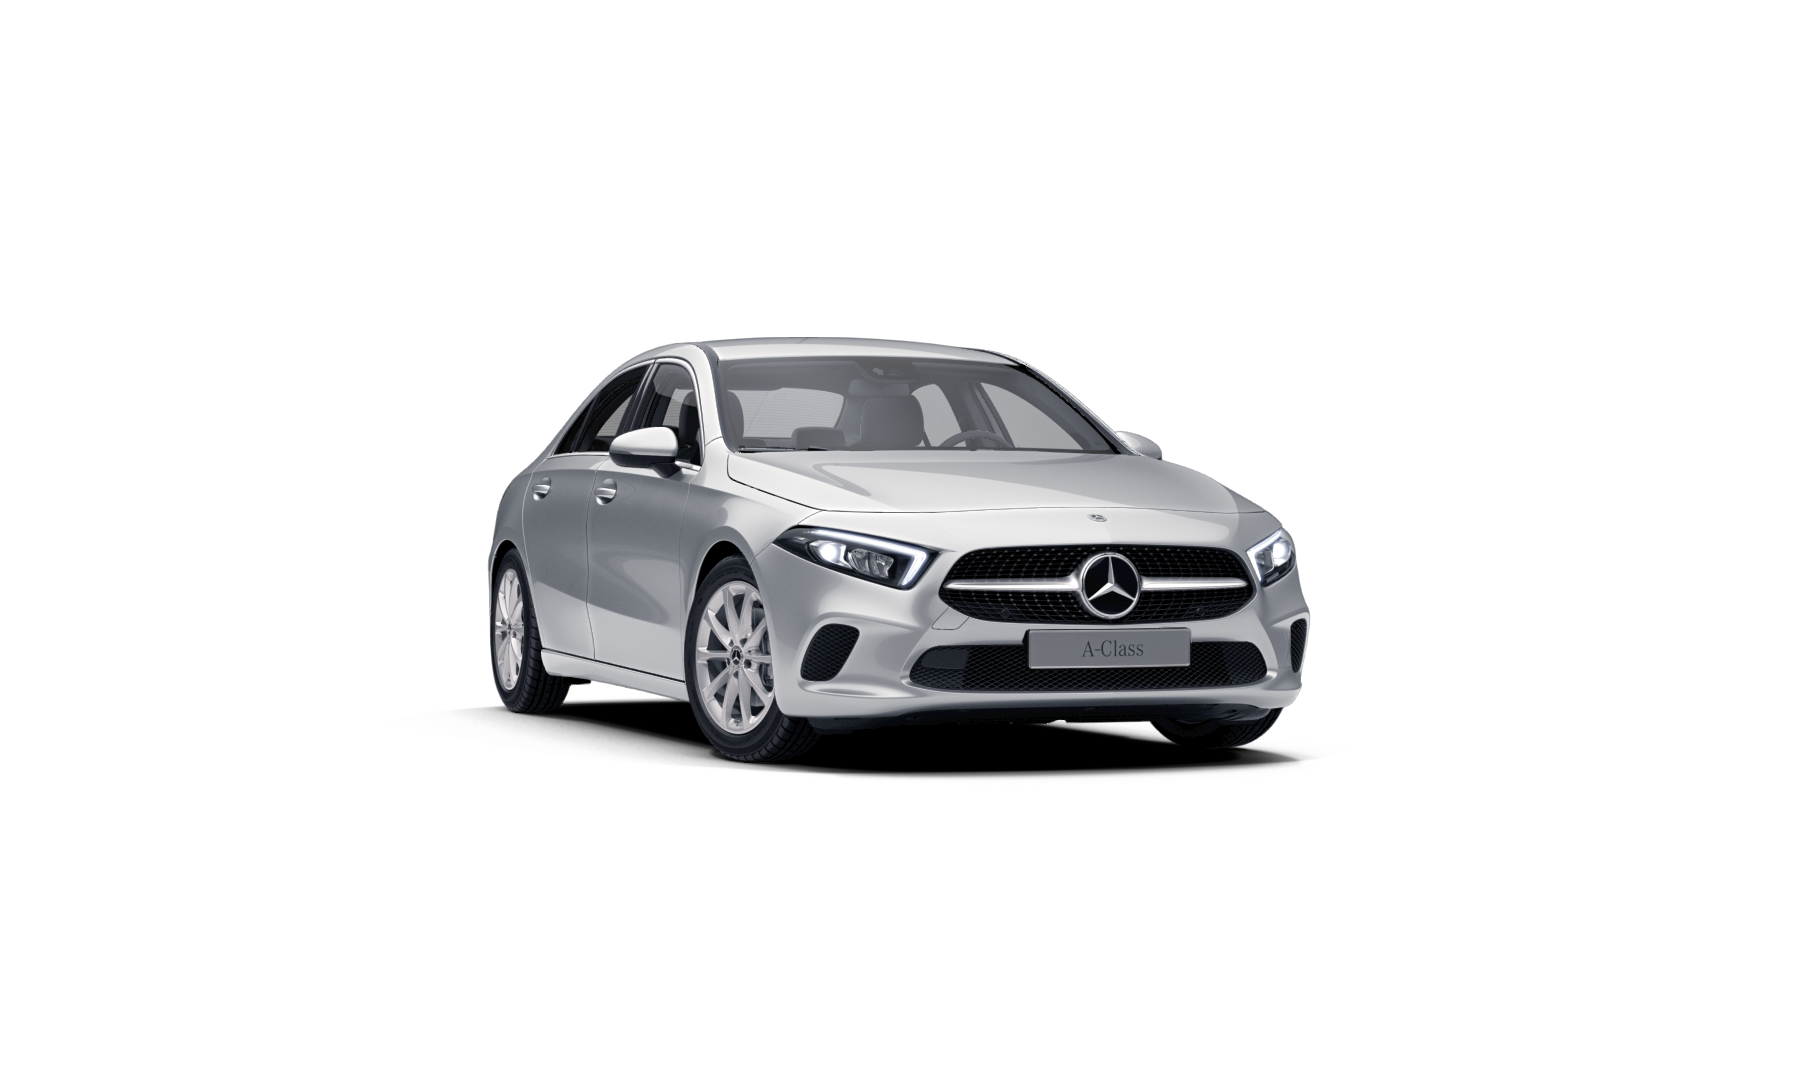 Mercedes Benz Classe A Berline Blanche Finition Progressive : Vue de trois quarts de profil à l'arrêt